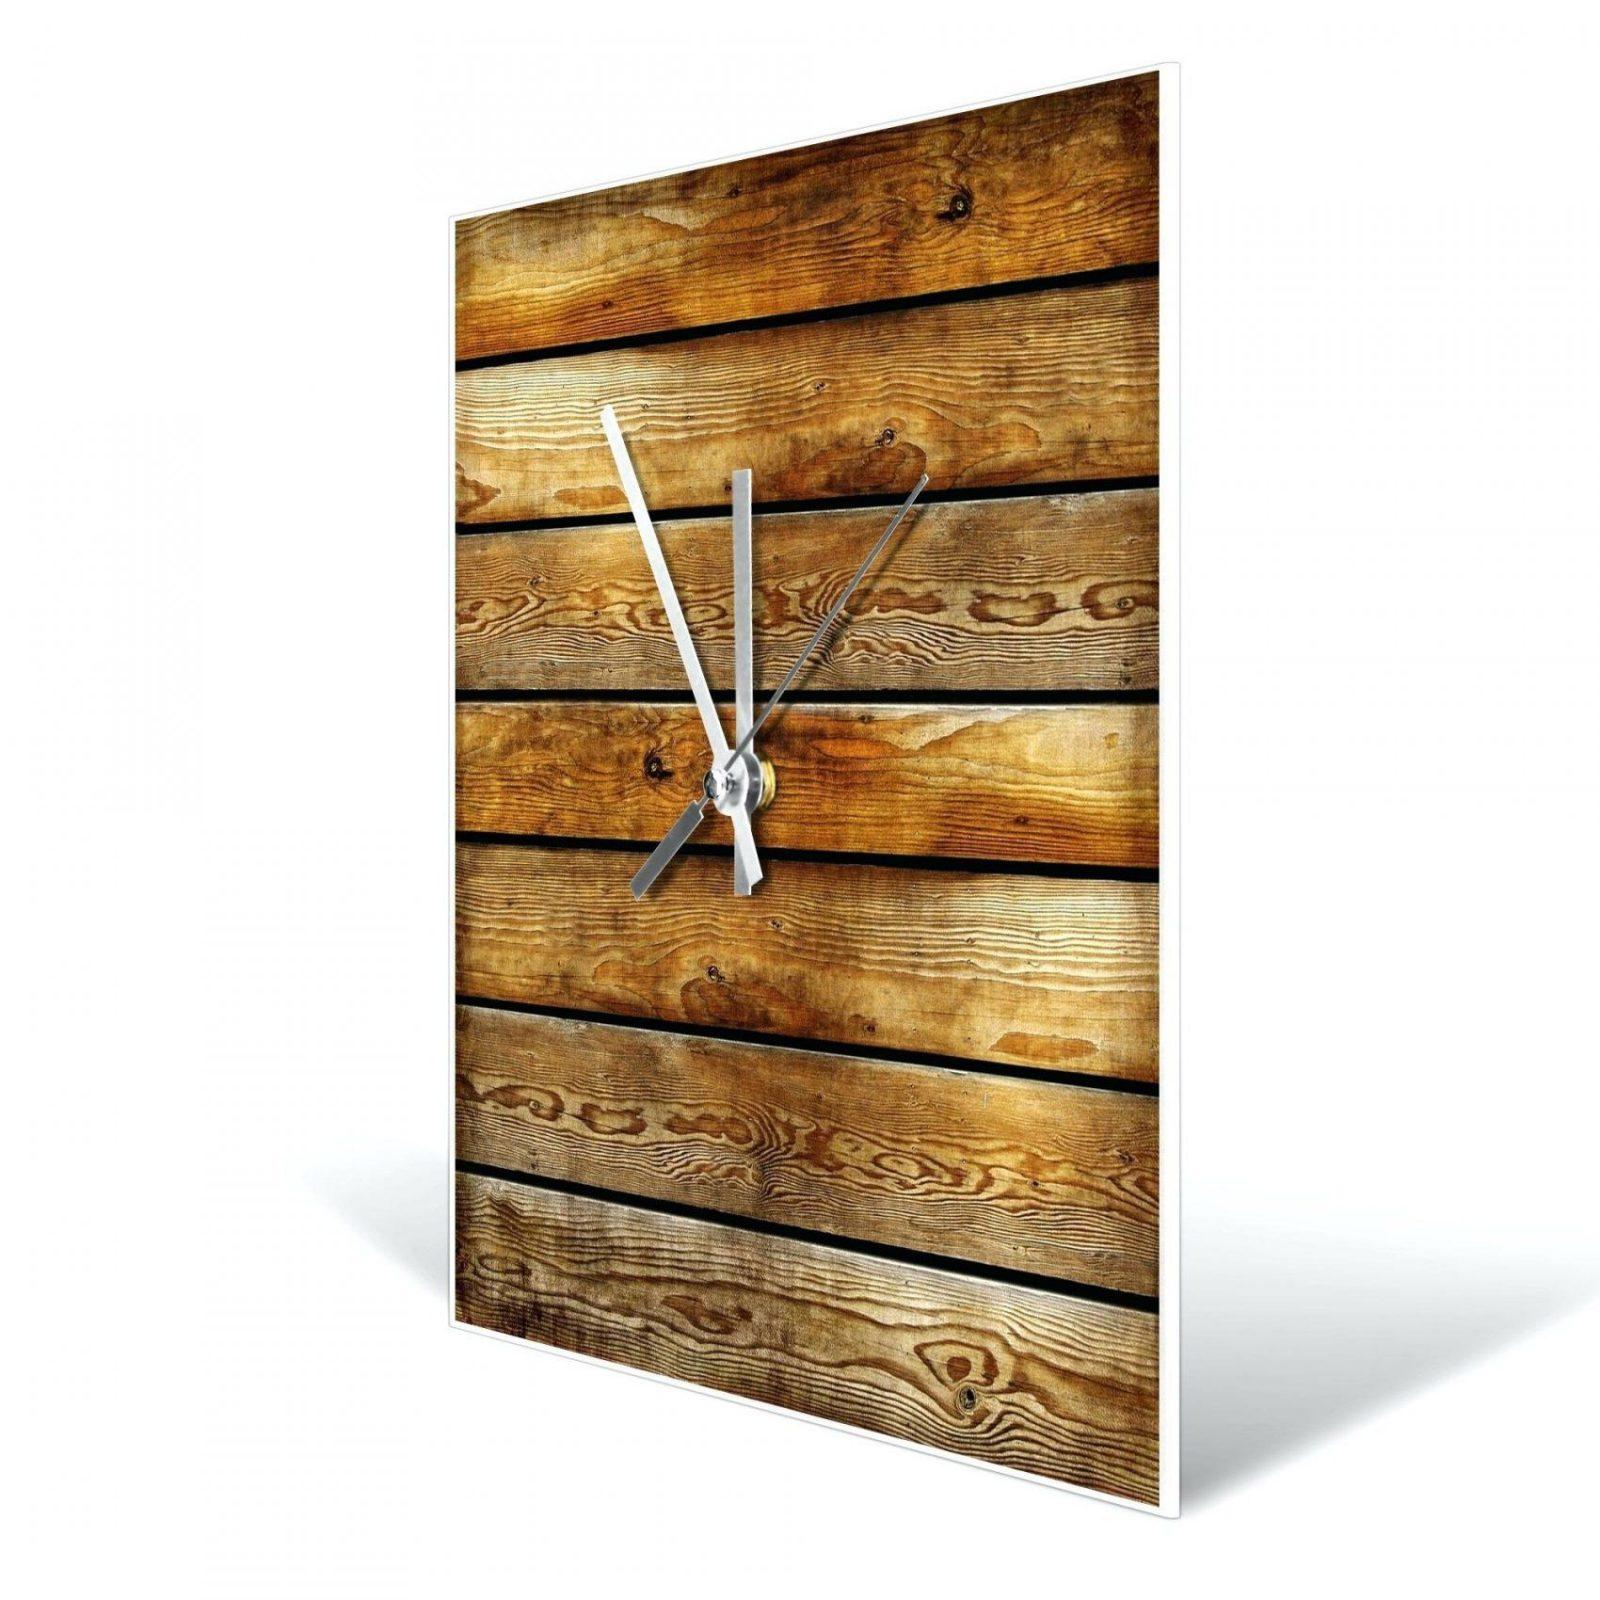 Pin von krzysztof krupski auf zegary pinterest uhren moderne von wanduhr holz selber machen bild - Wanduhr selber bauen ...